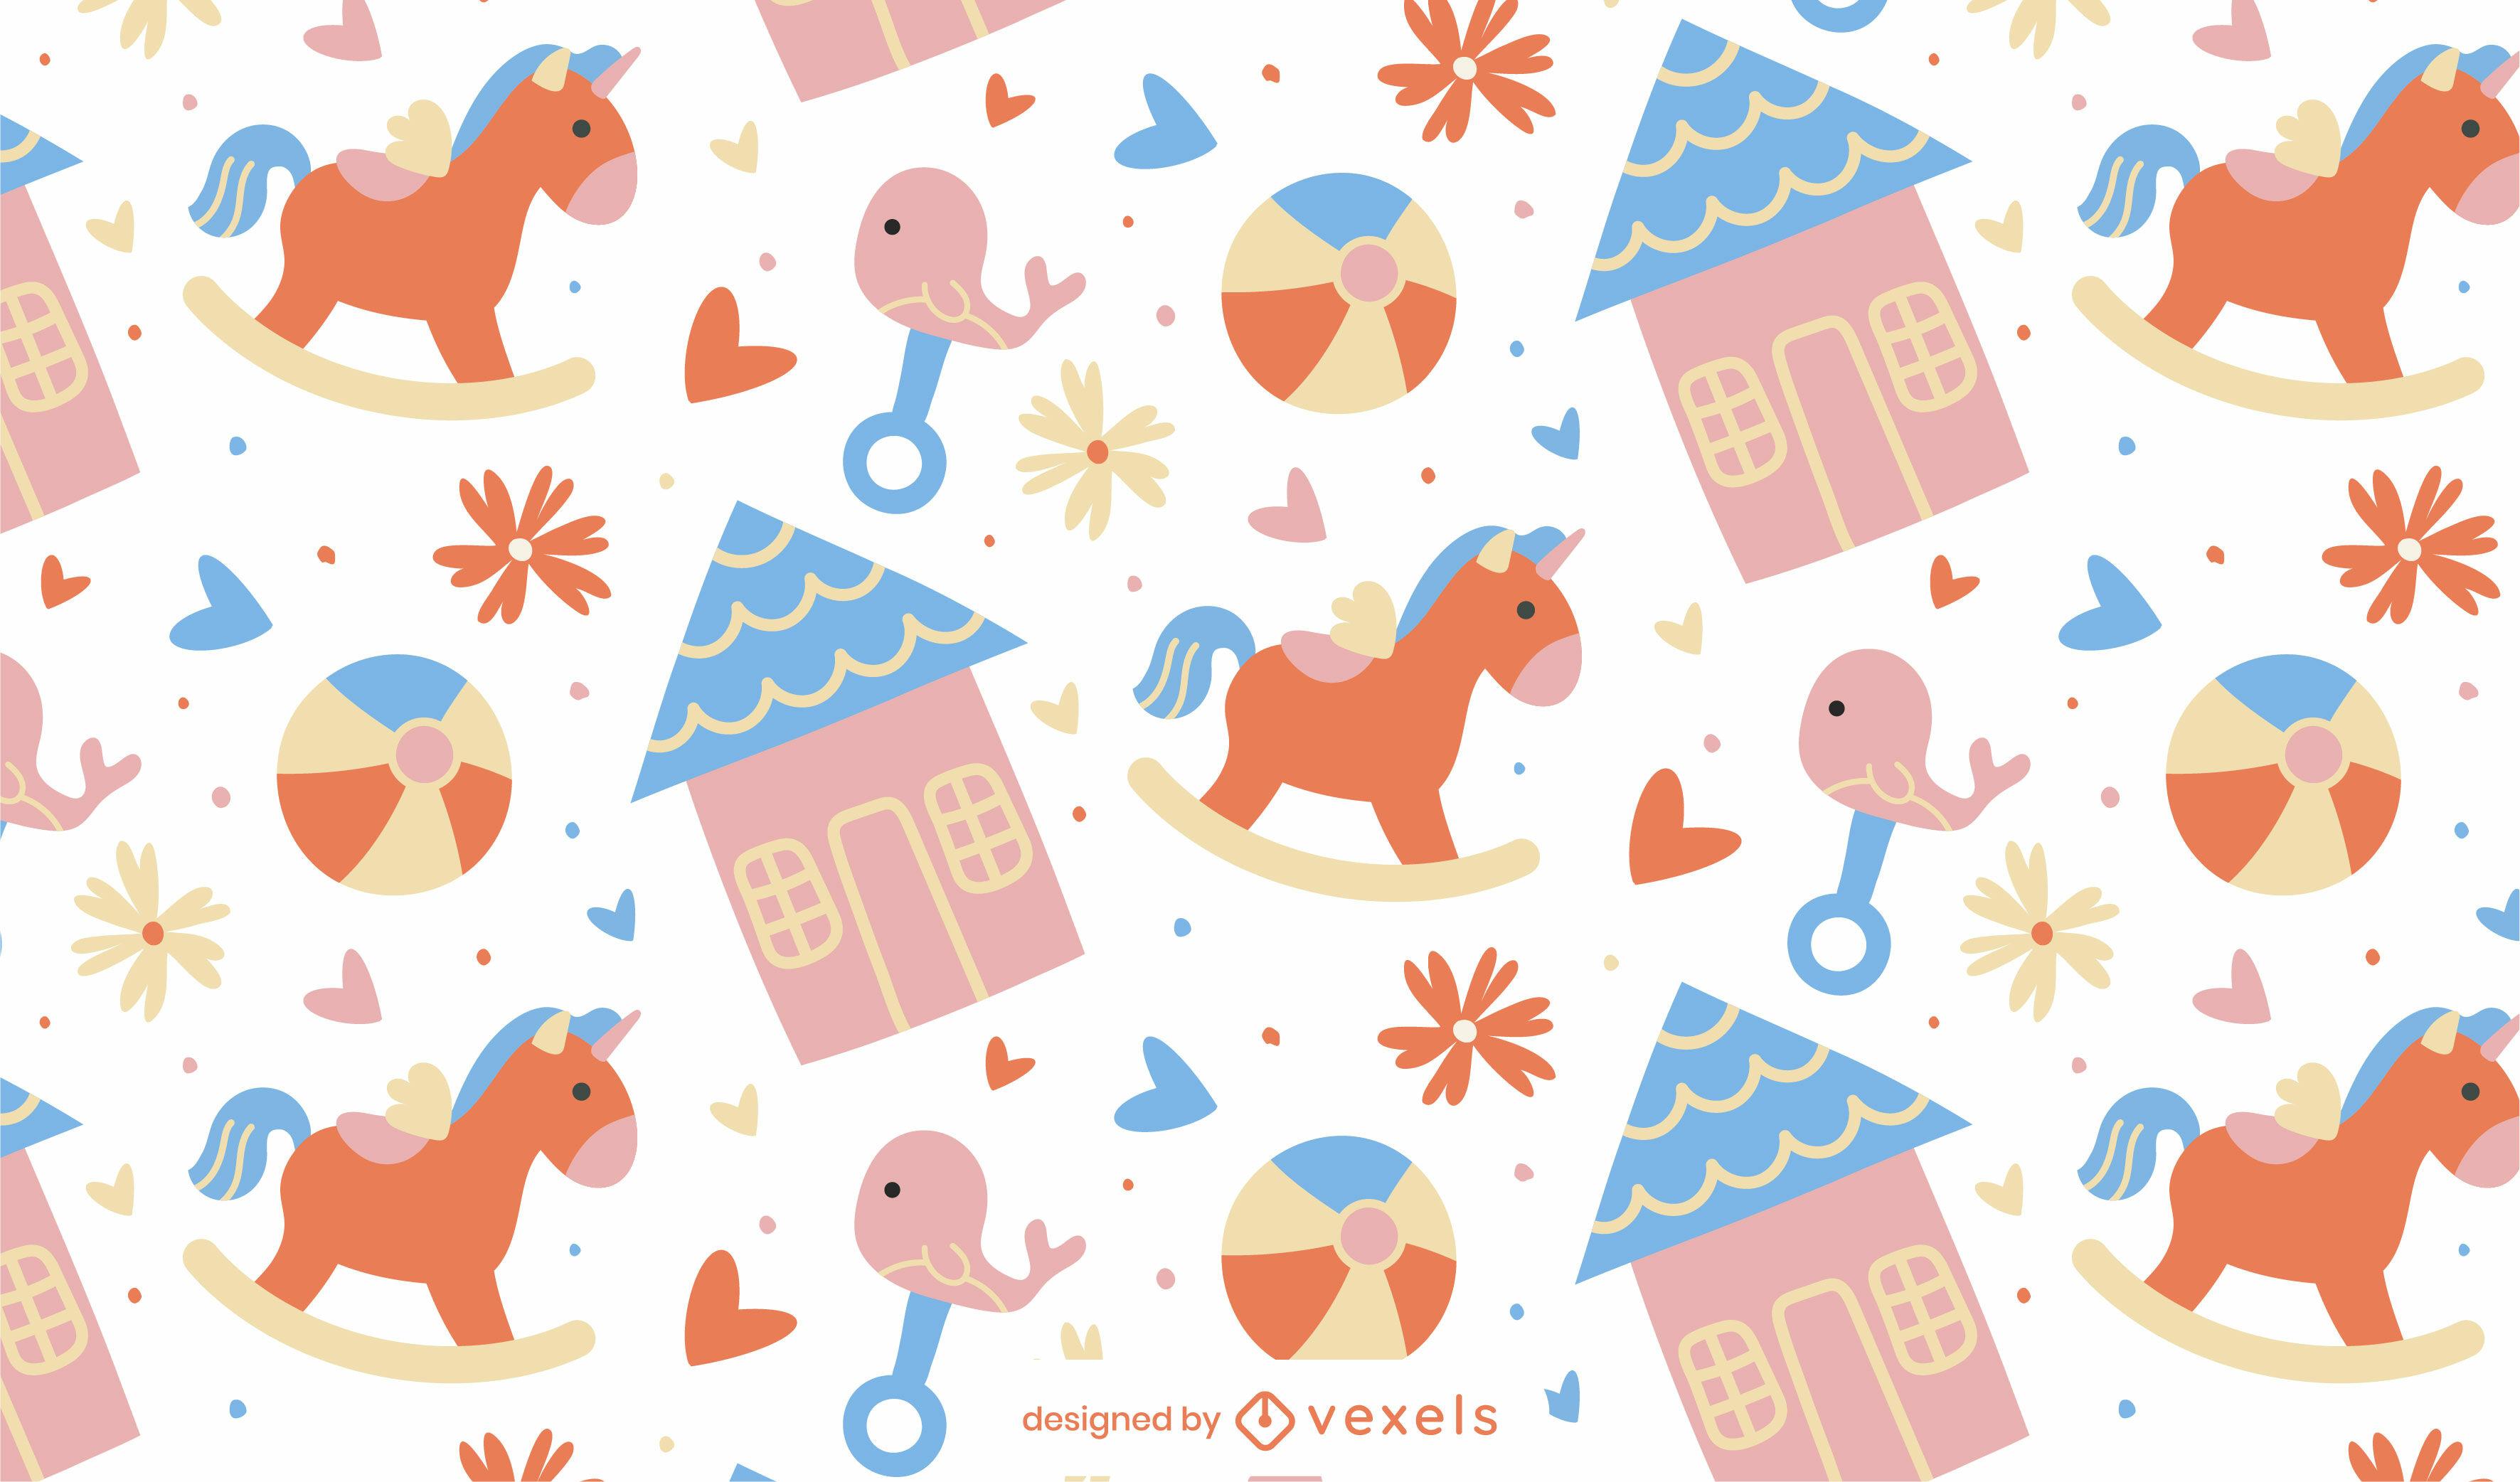 Diseño de patrón de juguetes planos para bebés